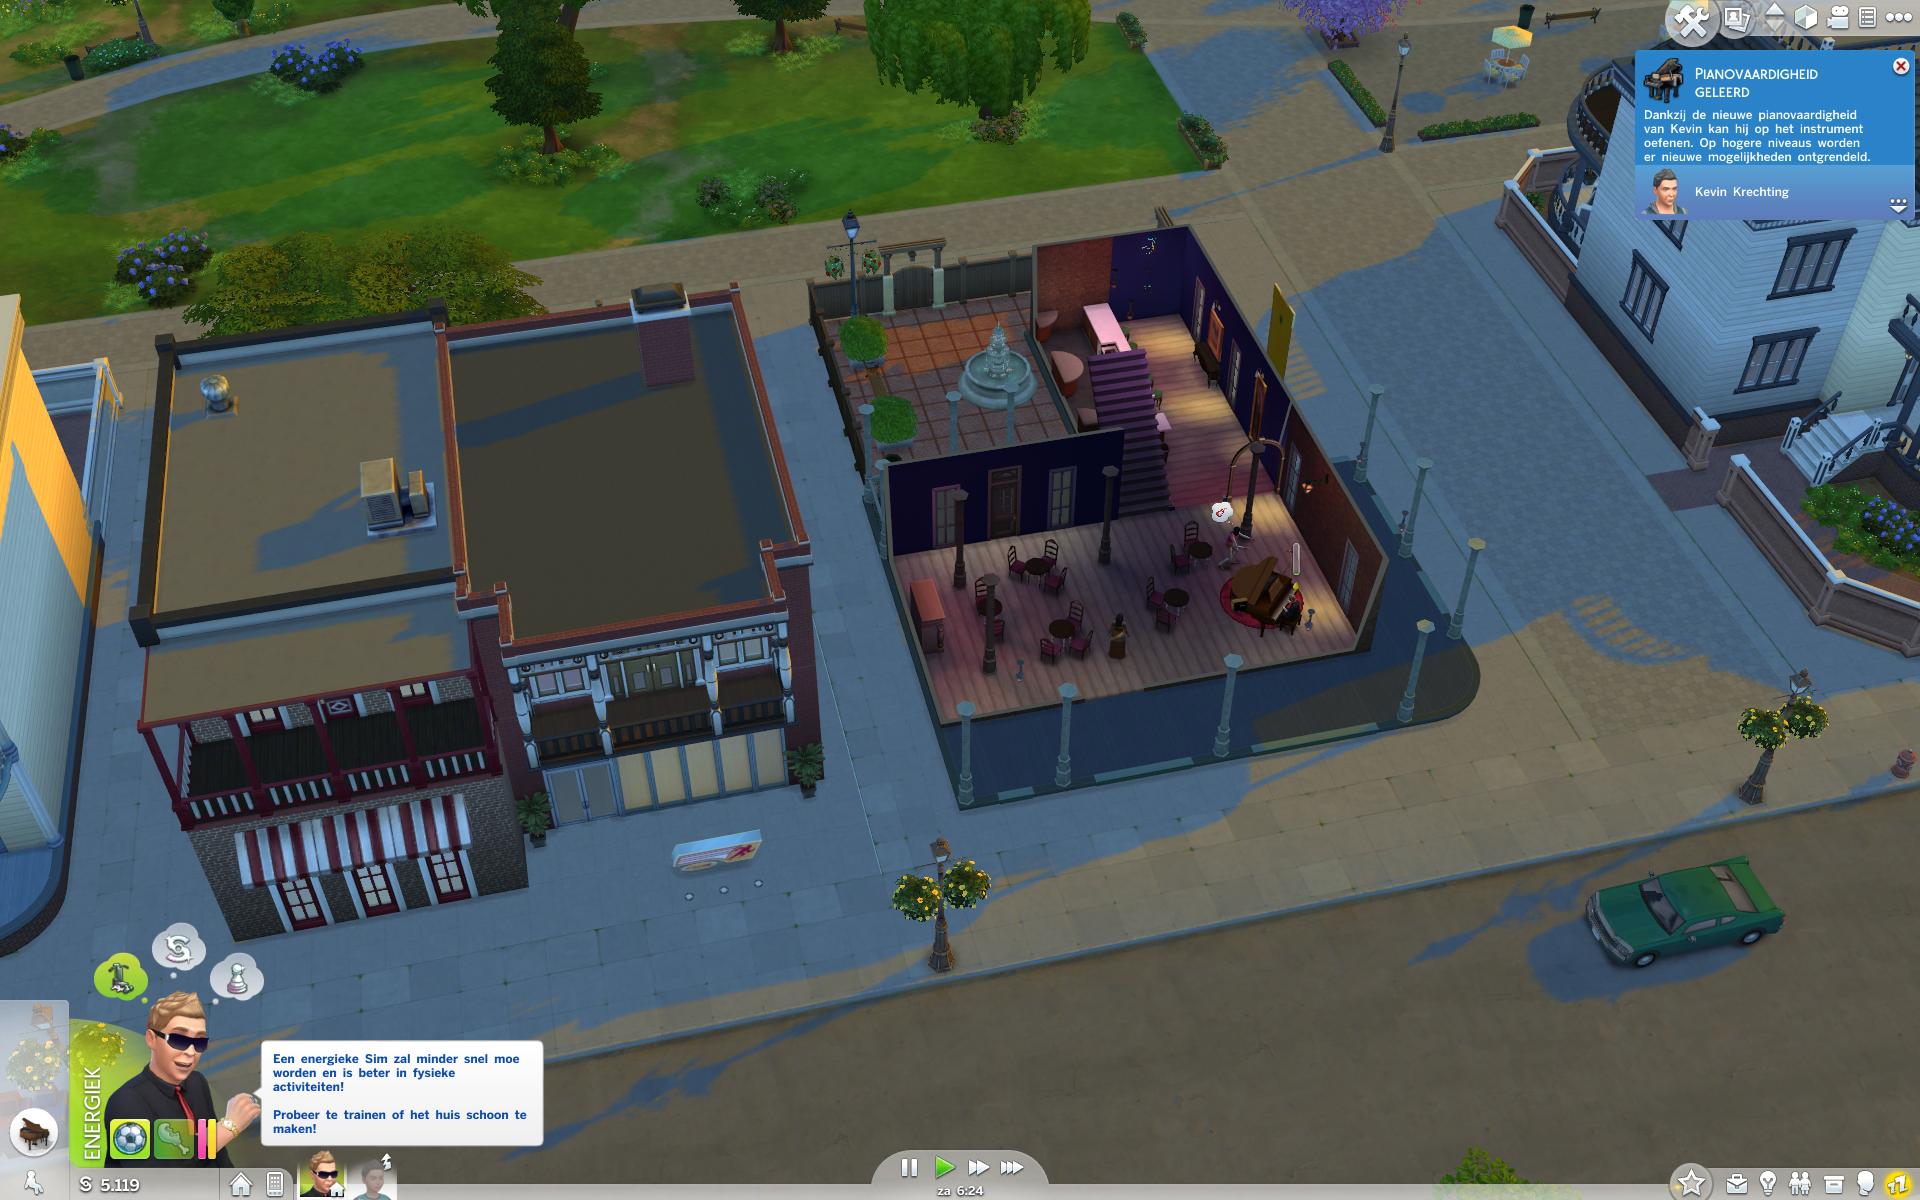 Sims vrijspelen bouwen twee dating relaties